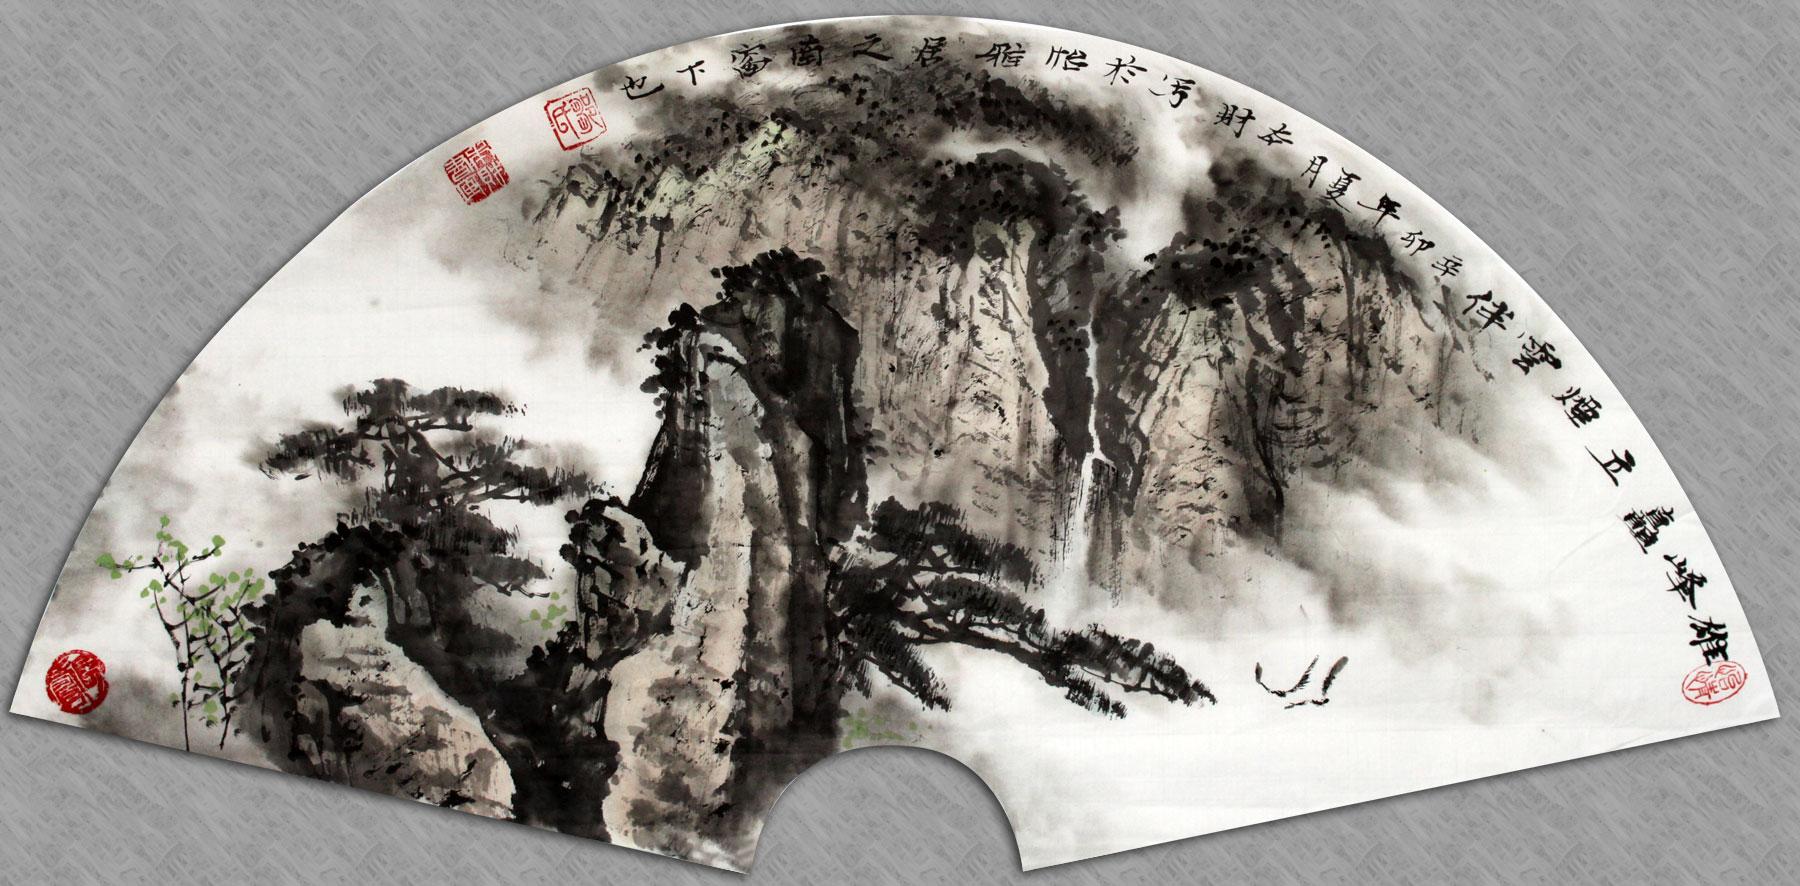 山水扇面作品 - 写意山水画 - 99字画网